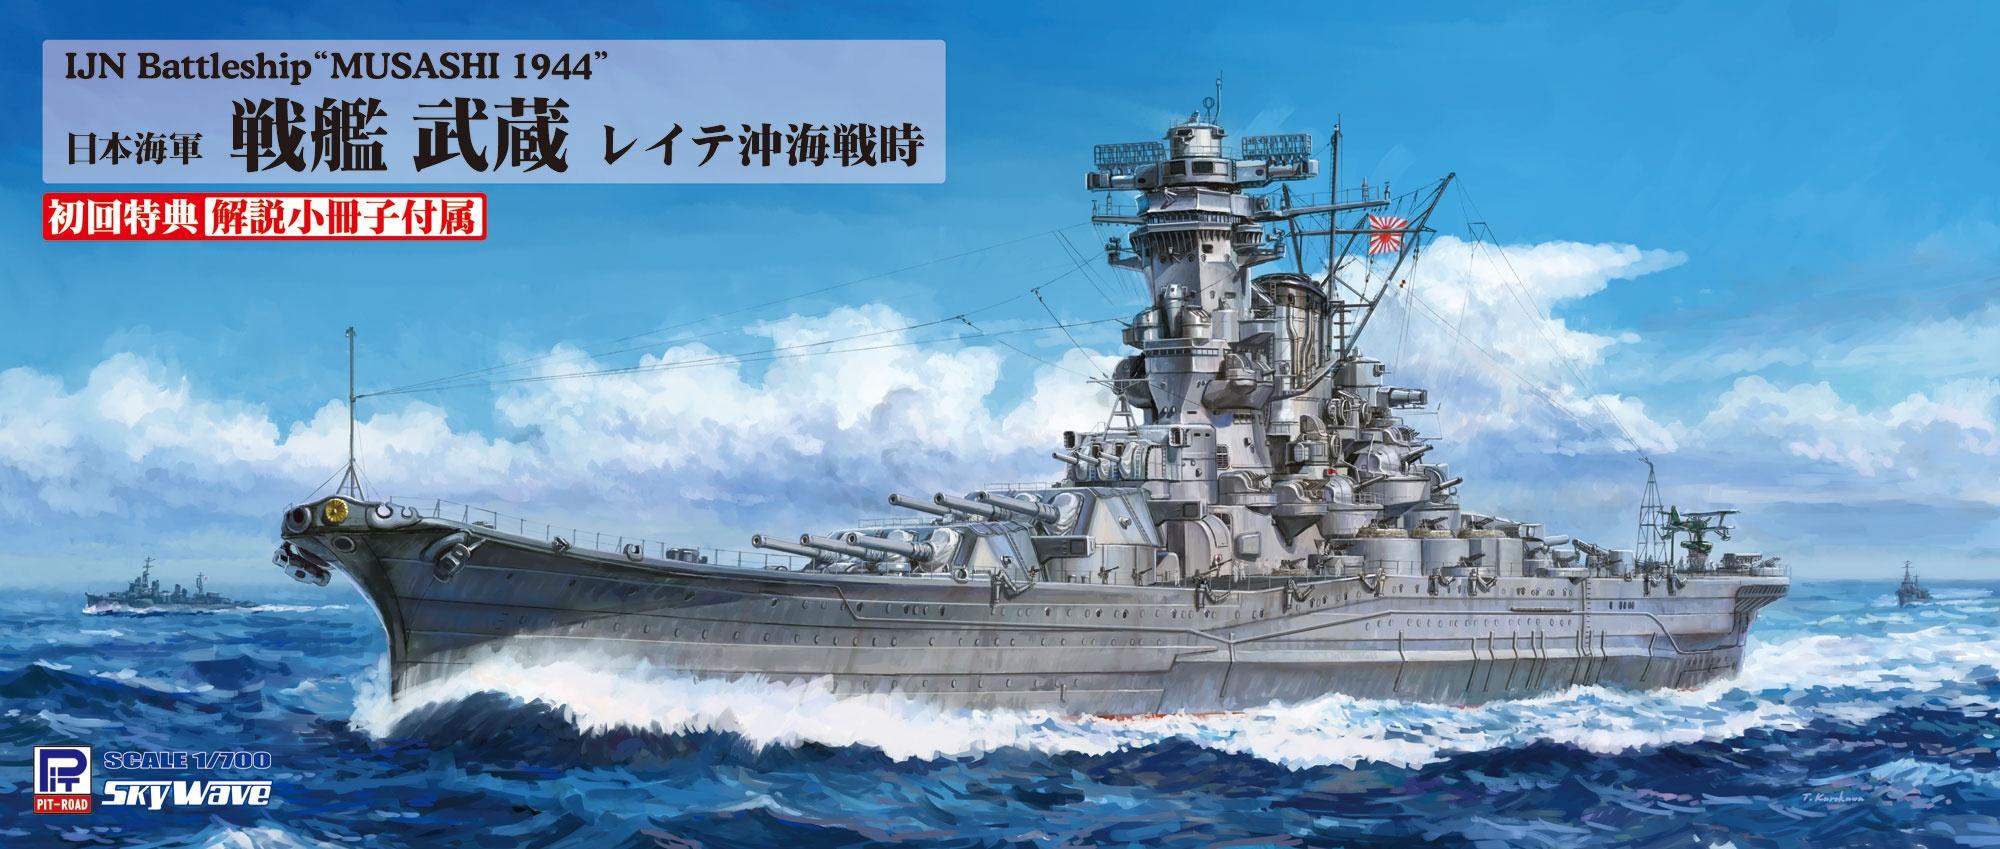 nnt ijn battleship musashi battle of leyte gulf purchase online